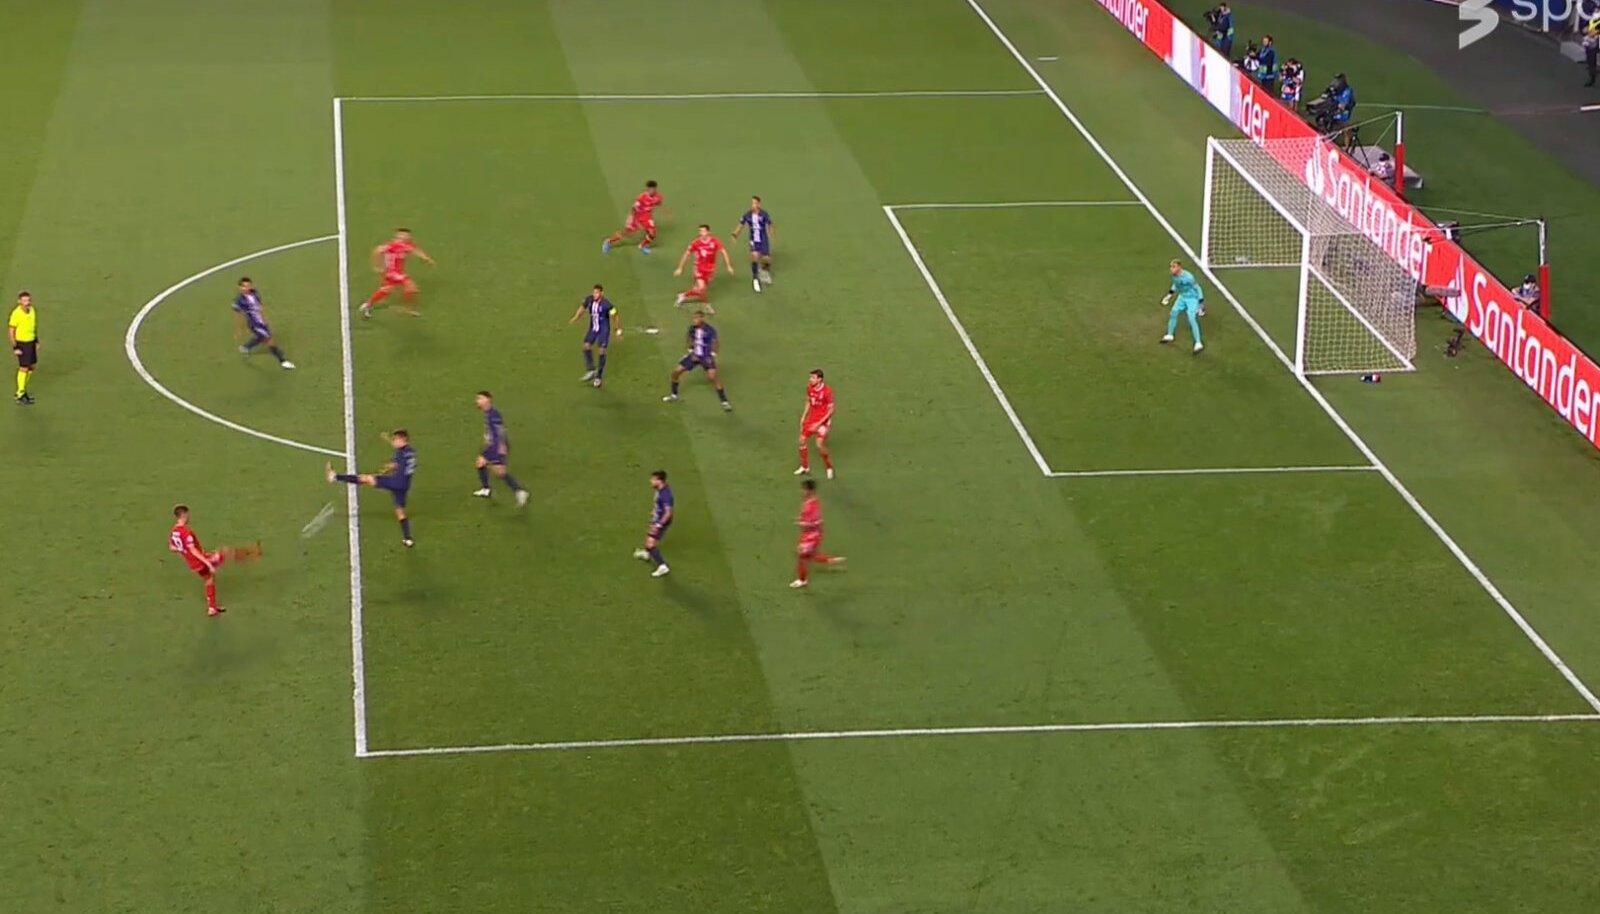 Hetk, kui anti otsustav tsenderdus: Bayernil on kastis viis ründavat mängijat, PSG-l kuus väljakumängijat, kelle positsioon ründajate takistamisel on halb.